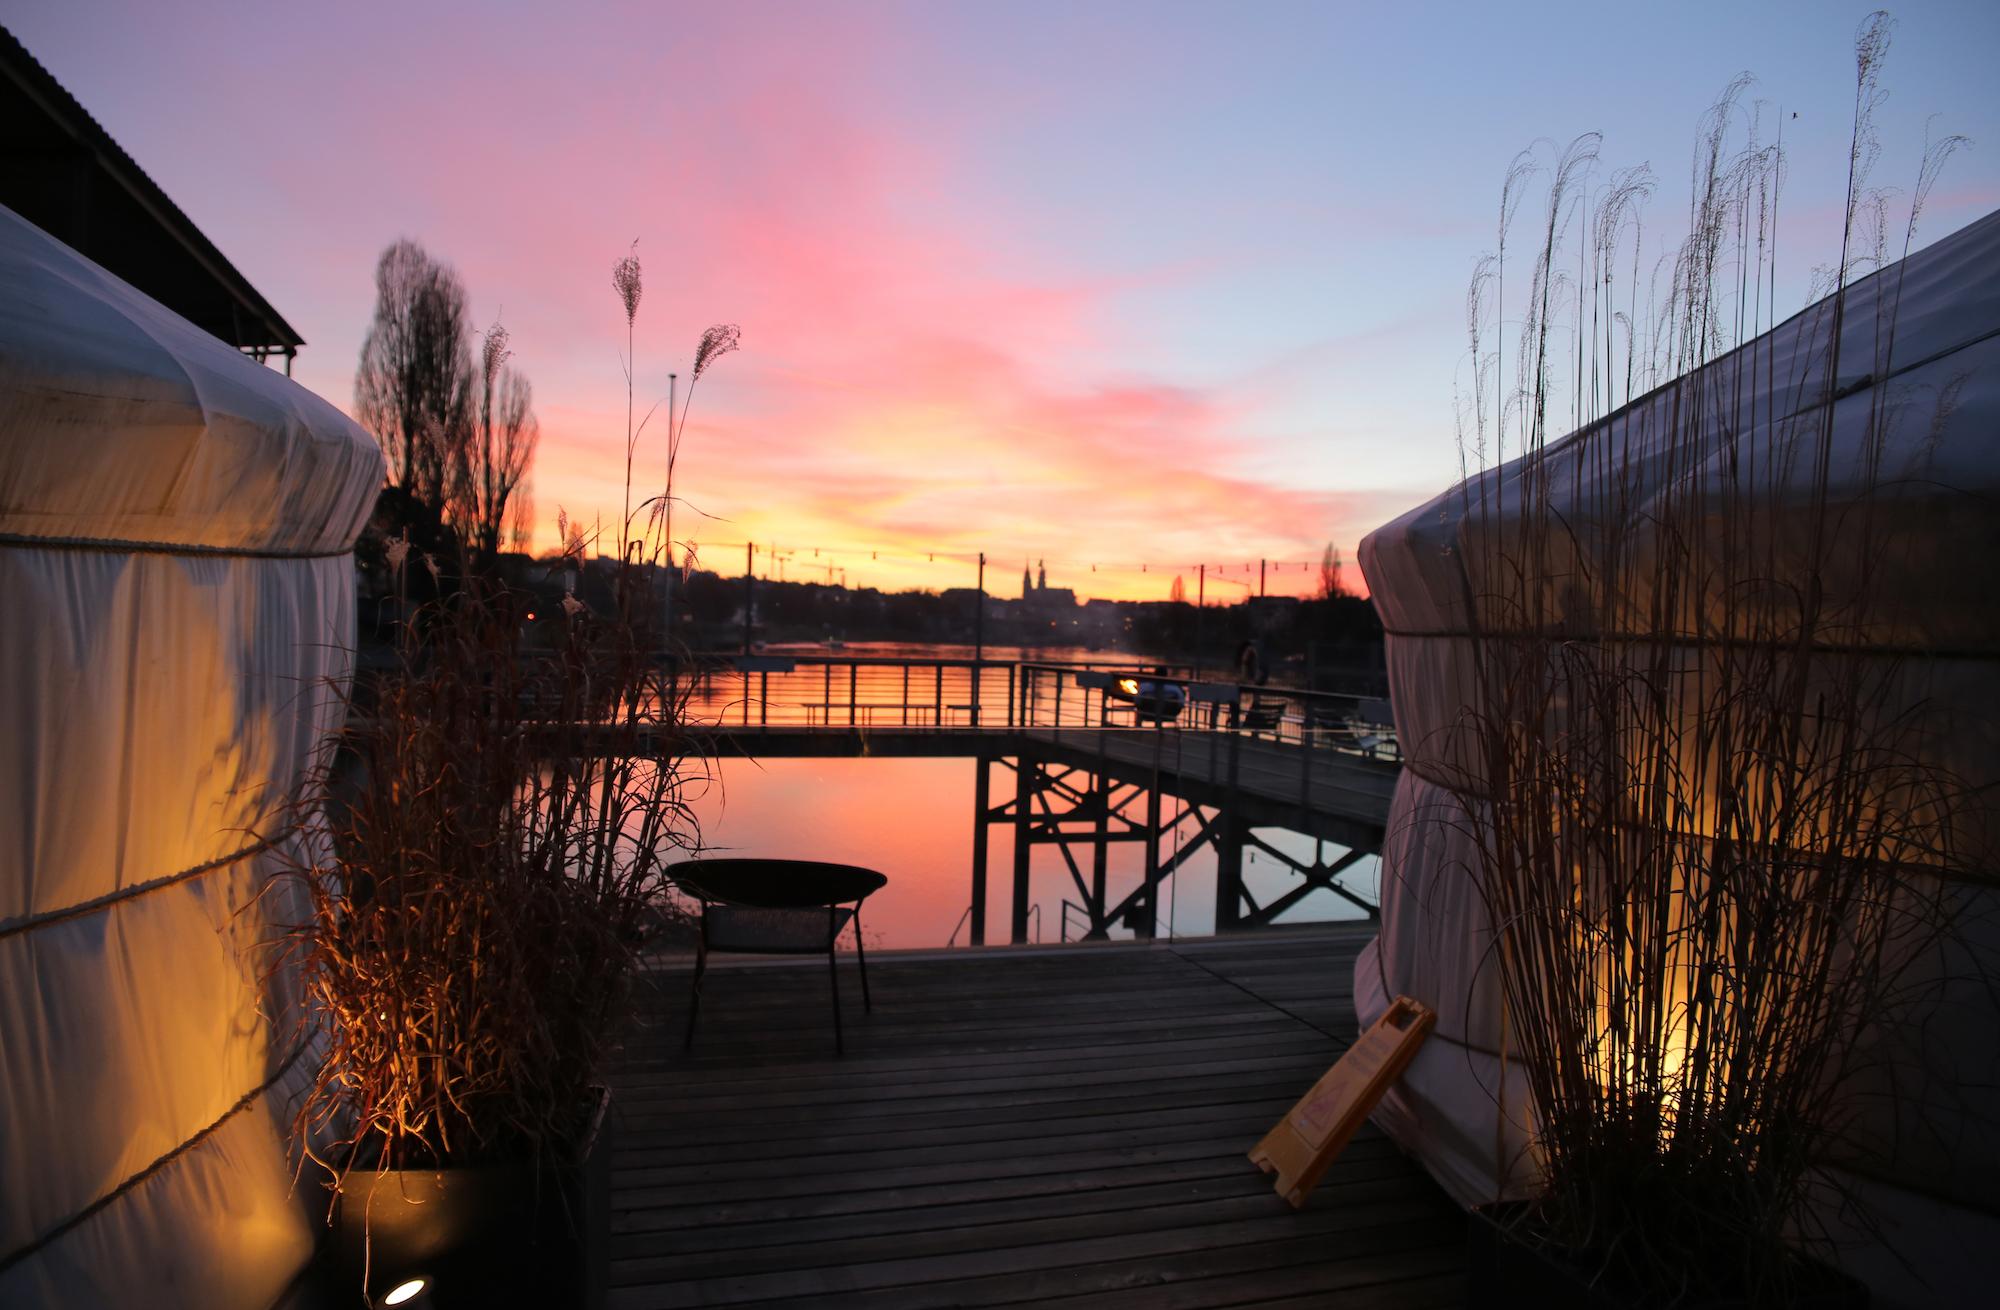 Rheinbad Breite und Sauna am Rhy: Das Badehäuschen ist von Mai bis September geöffnet. Ab Ende Oktober lädt die Sauna am Rhy am gleichen Ort zum Aufwärmen ein.